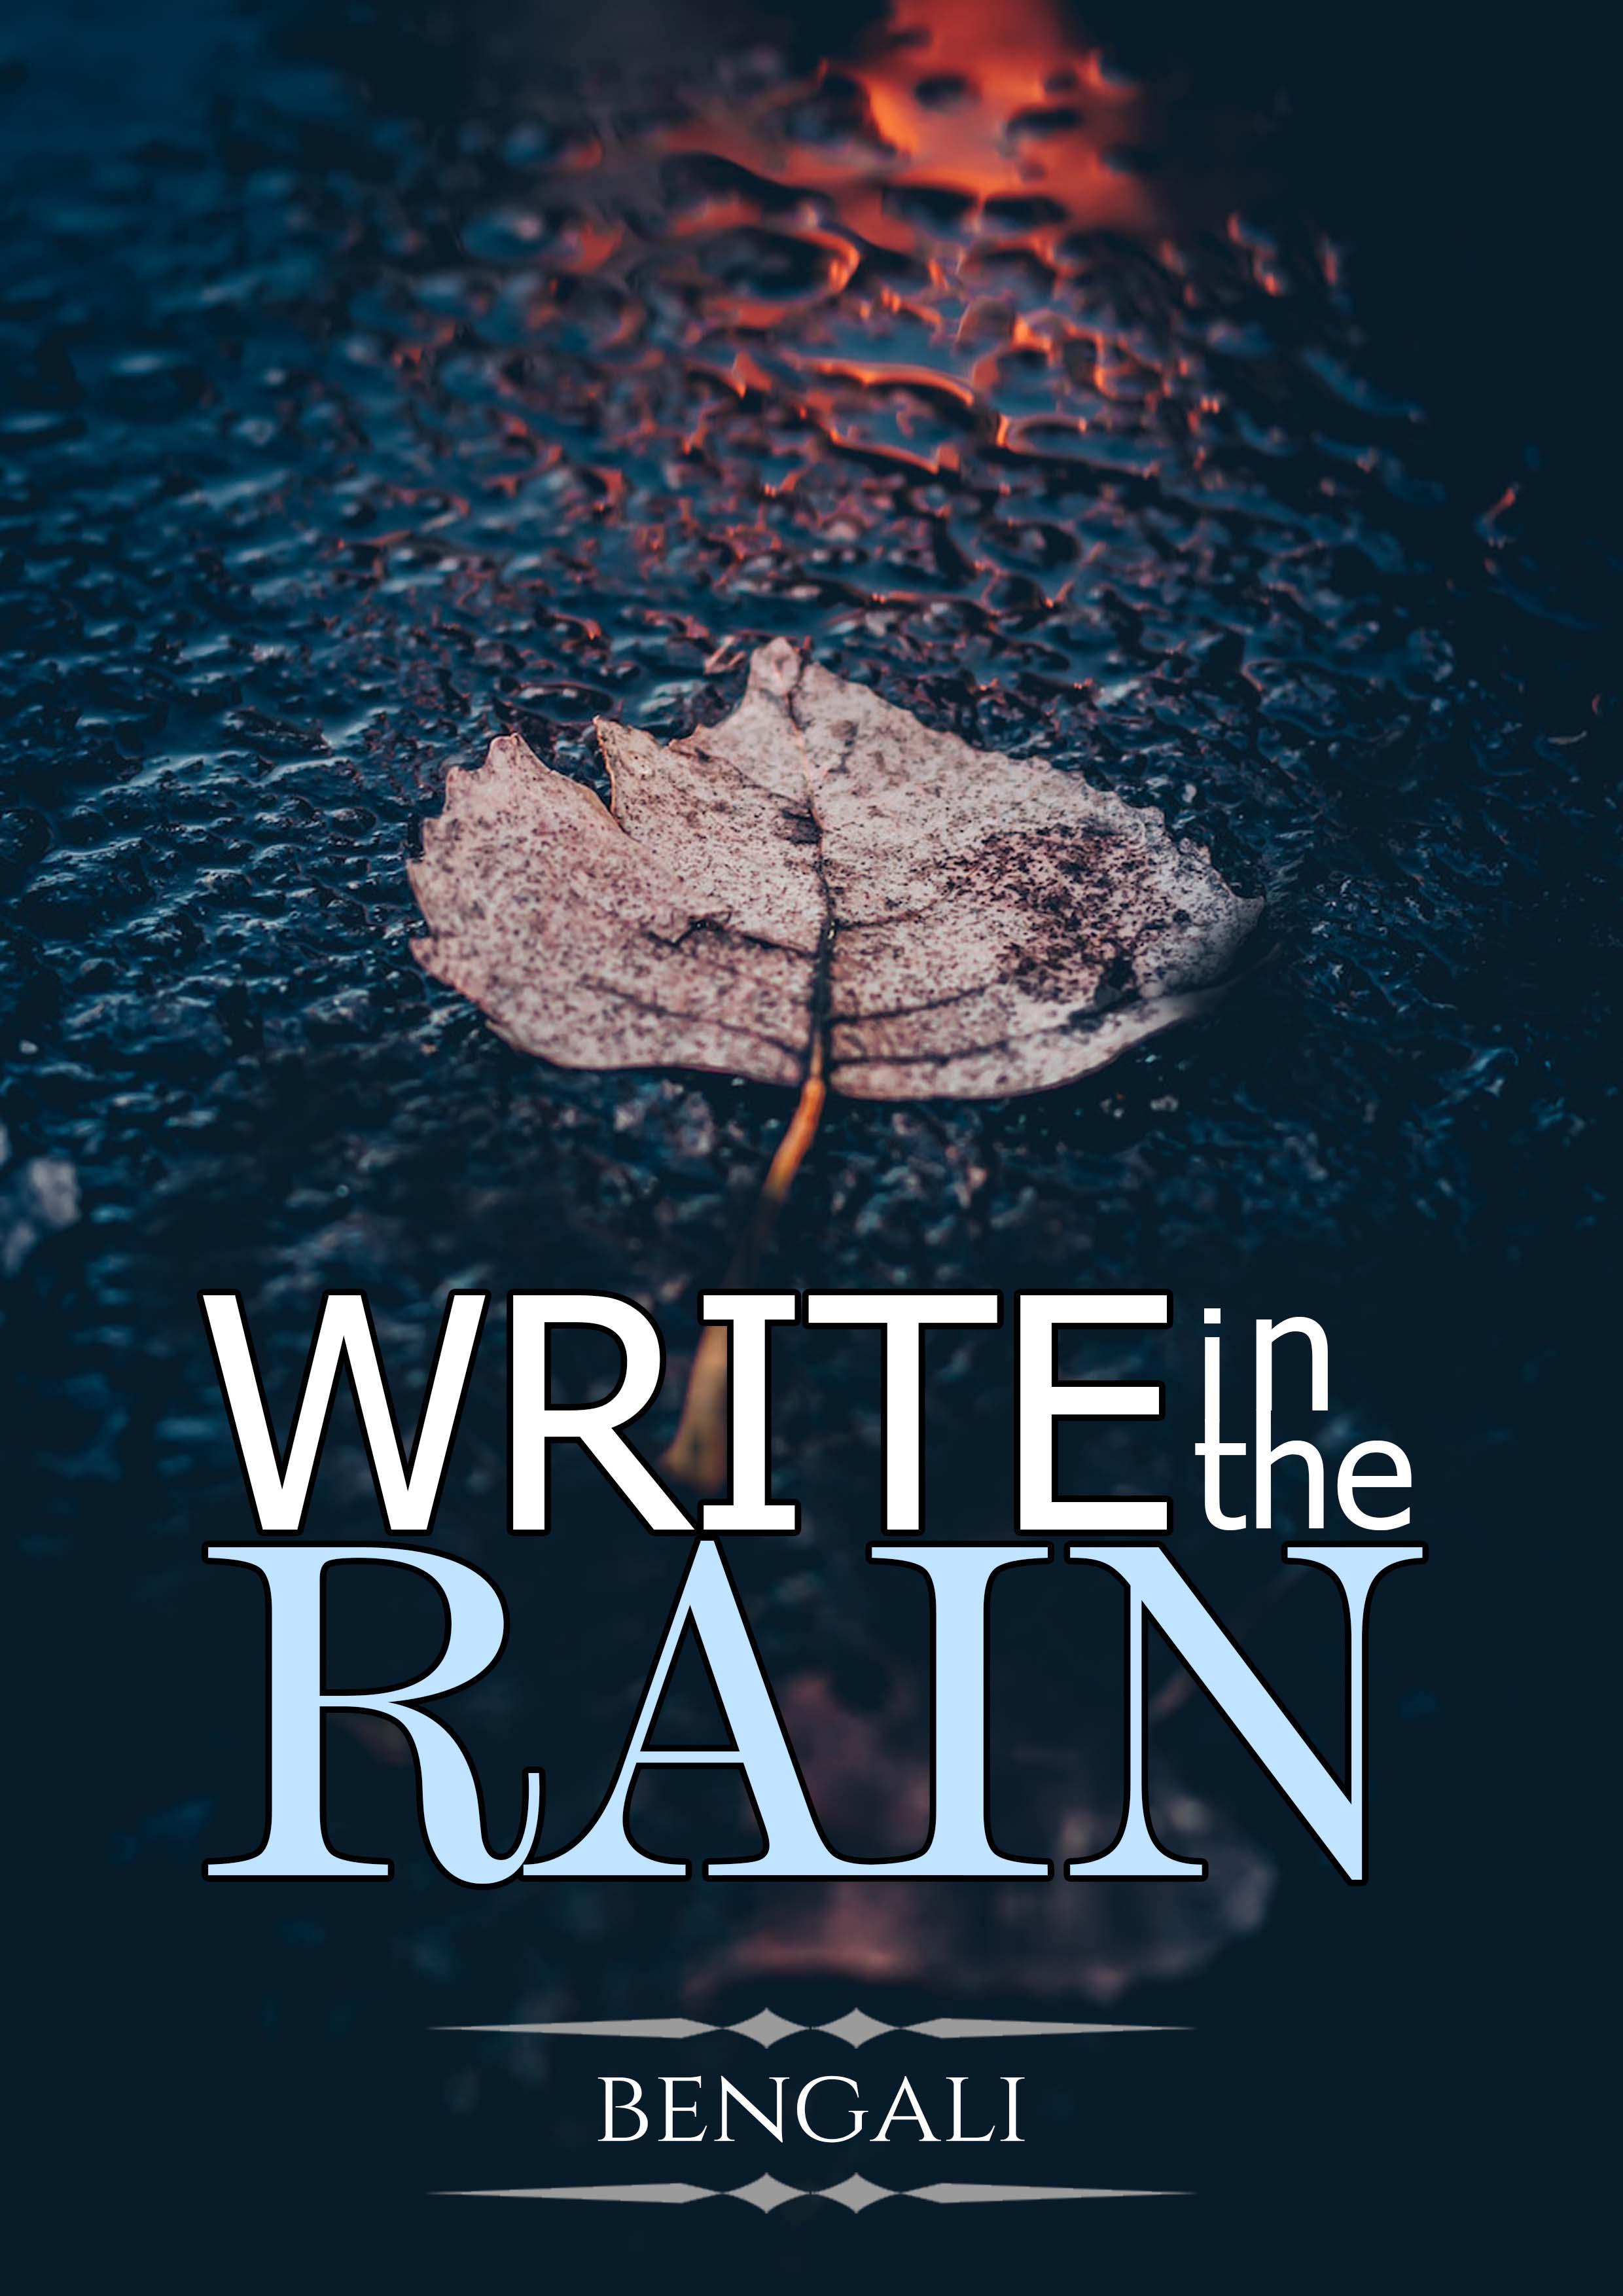 Write In The Rain - Bengali